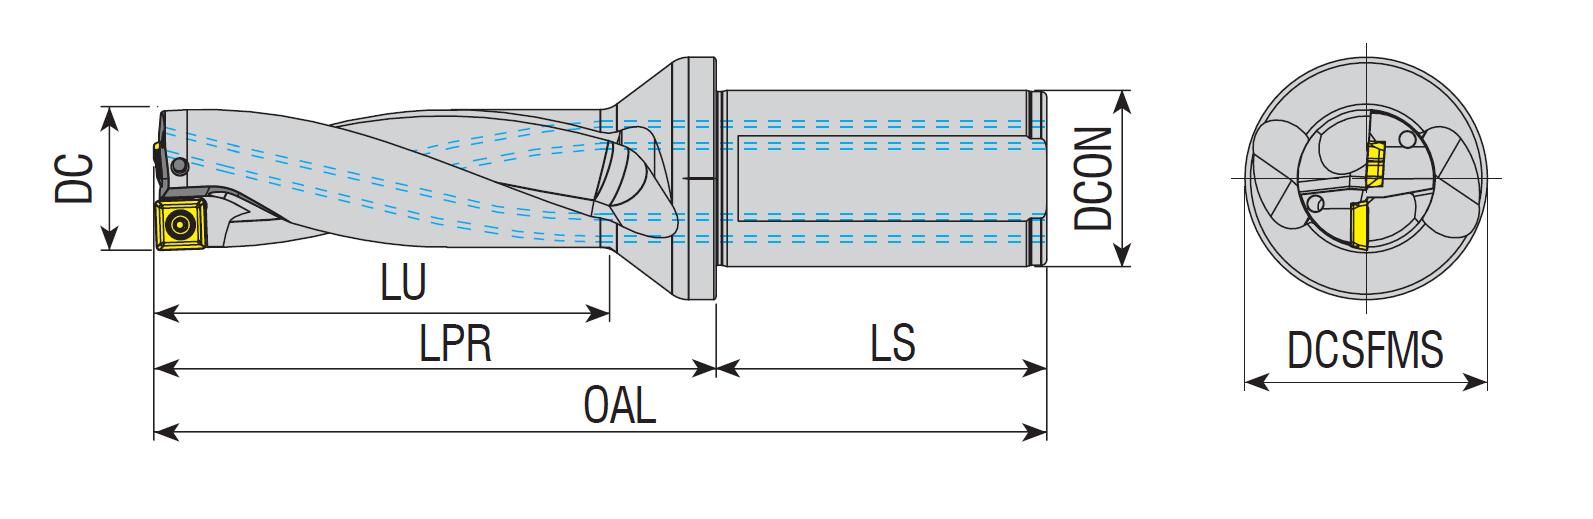 Vollbohrer 3xD mit Innenkühlung für 880-0...C/P